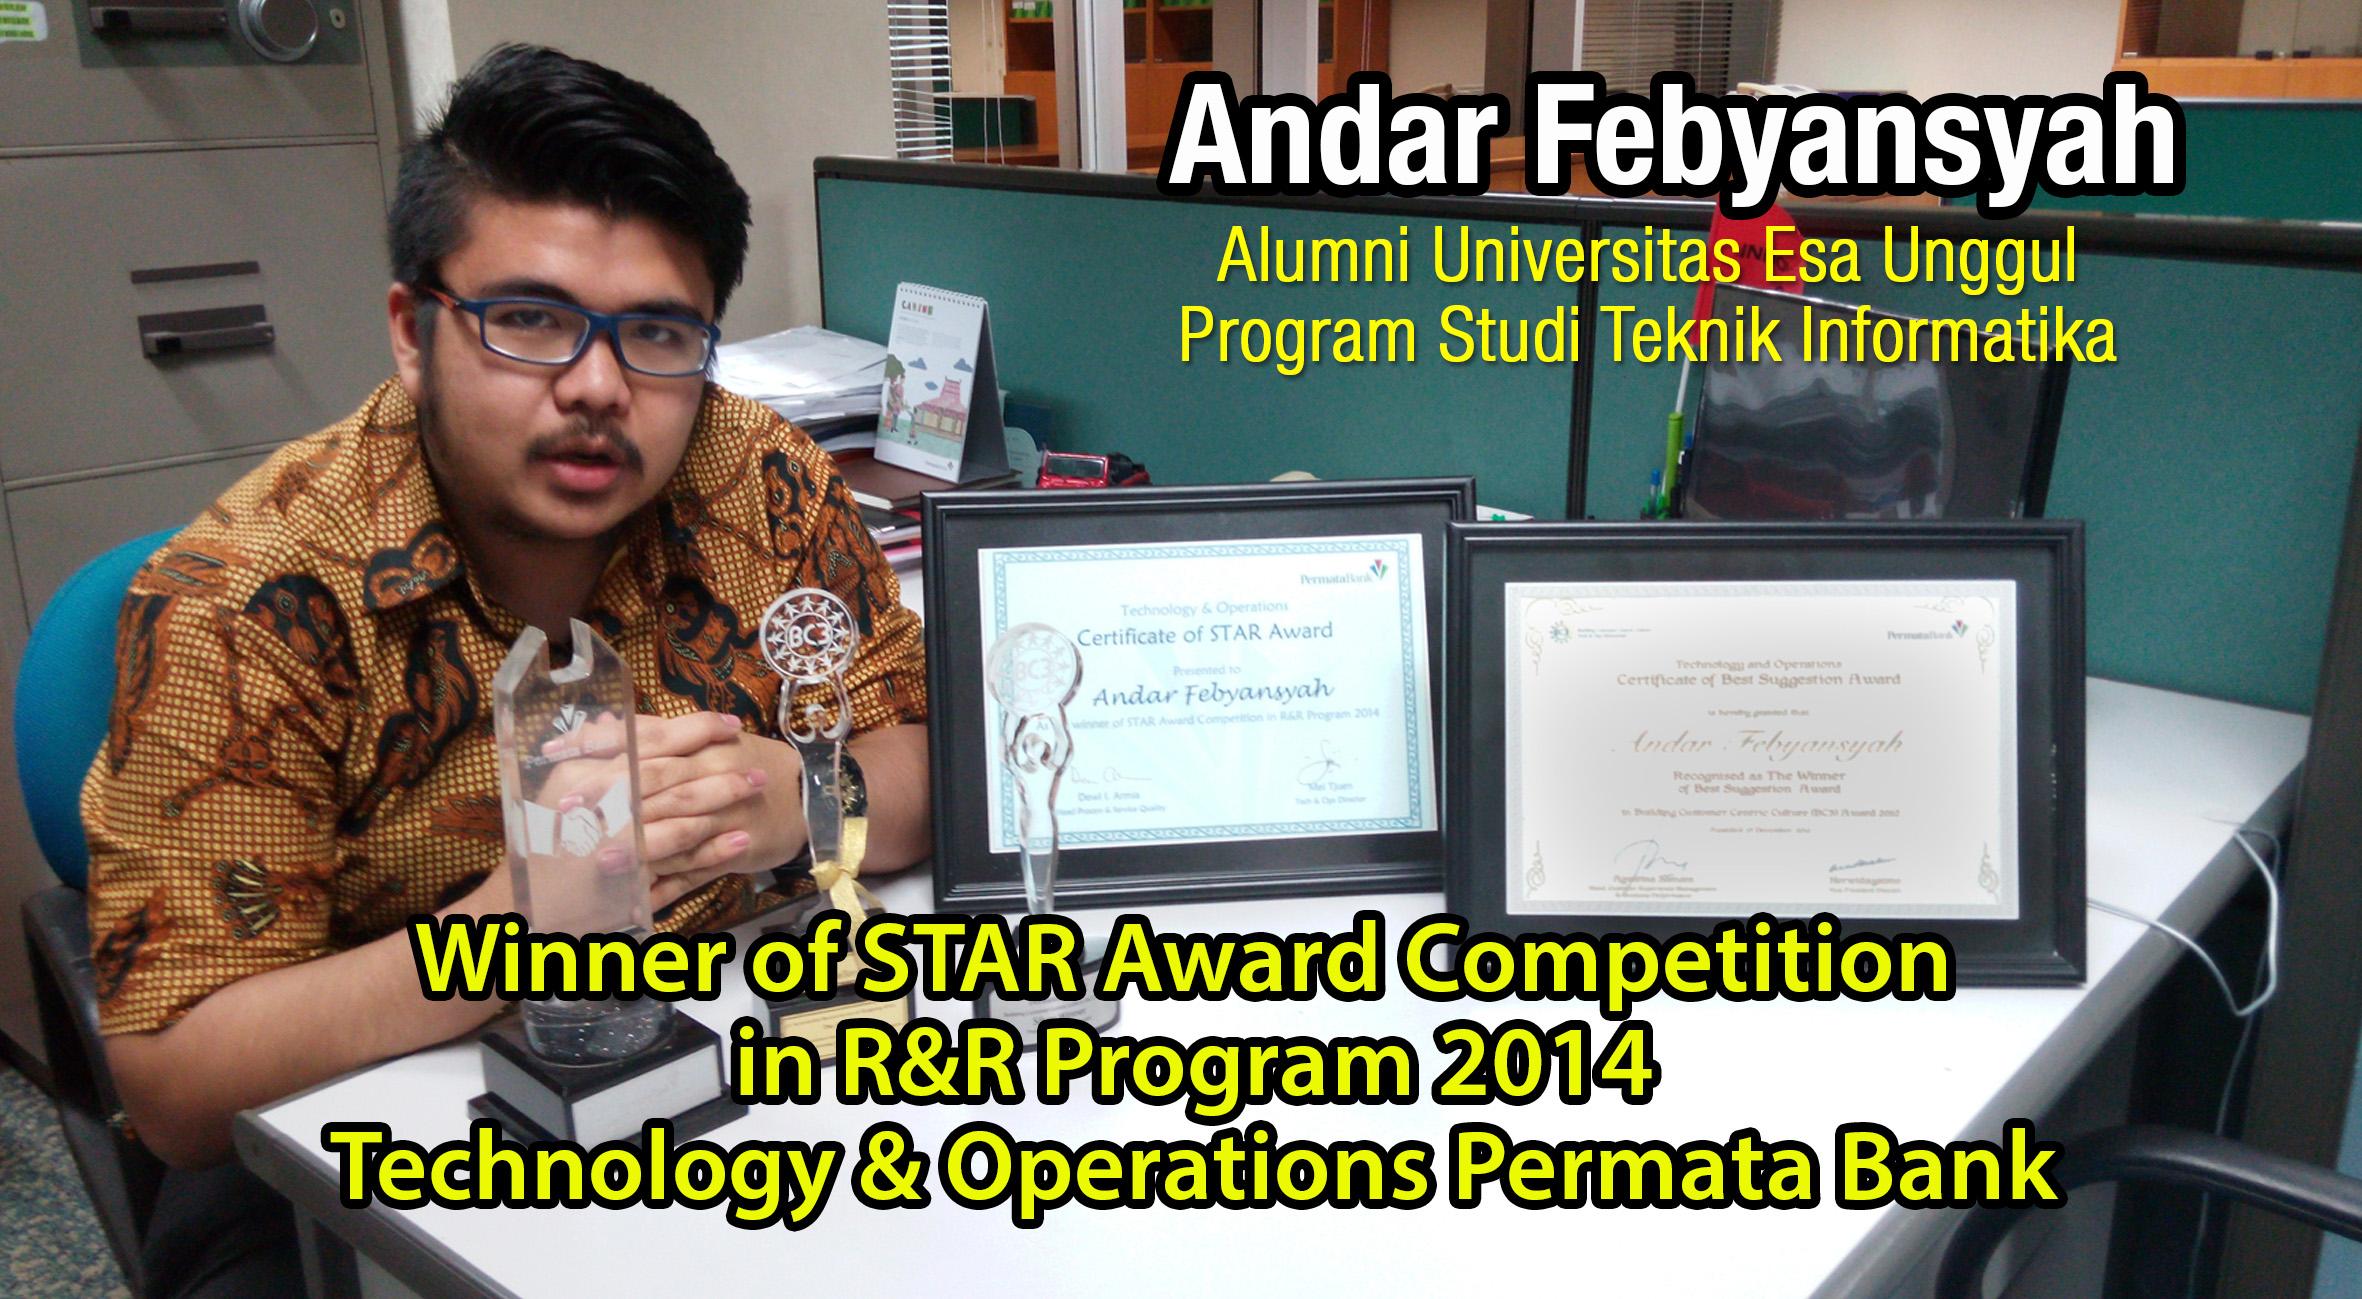 Andar Febyansyah – Alumni Universitas Esa Unggul Program Studi Teknik Informatika meraih Winner of STAR Award Competition in R&R Program 2014 Technology & Operations Permata Bank